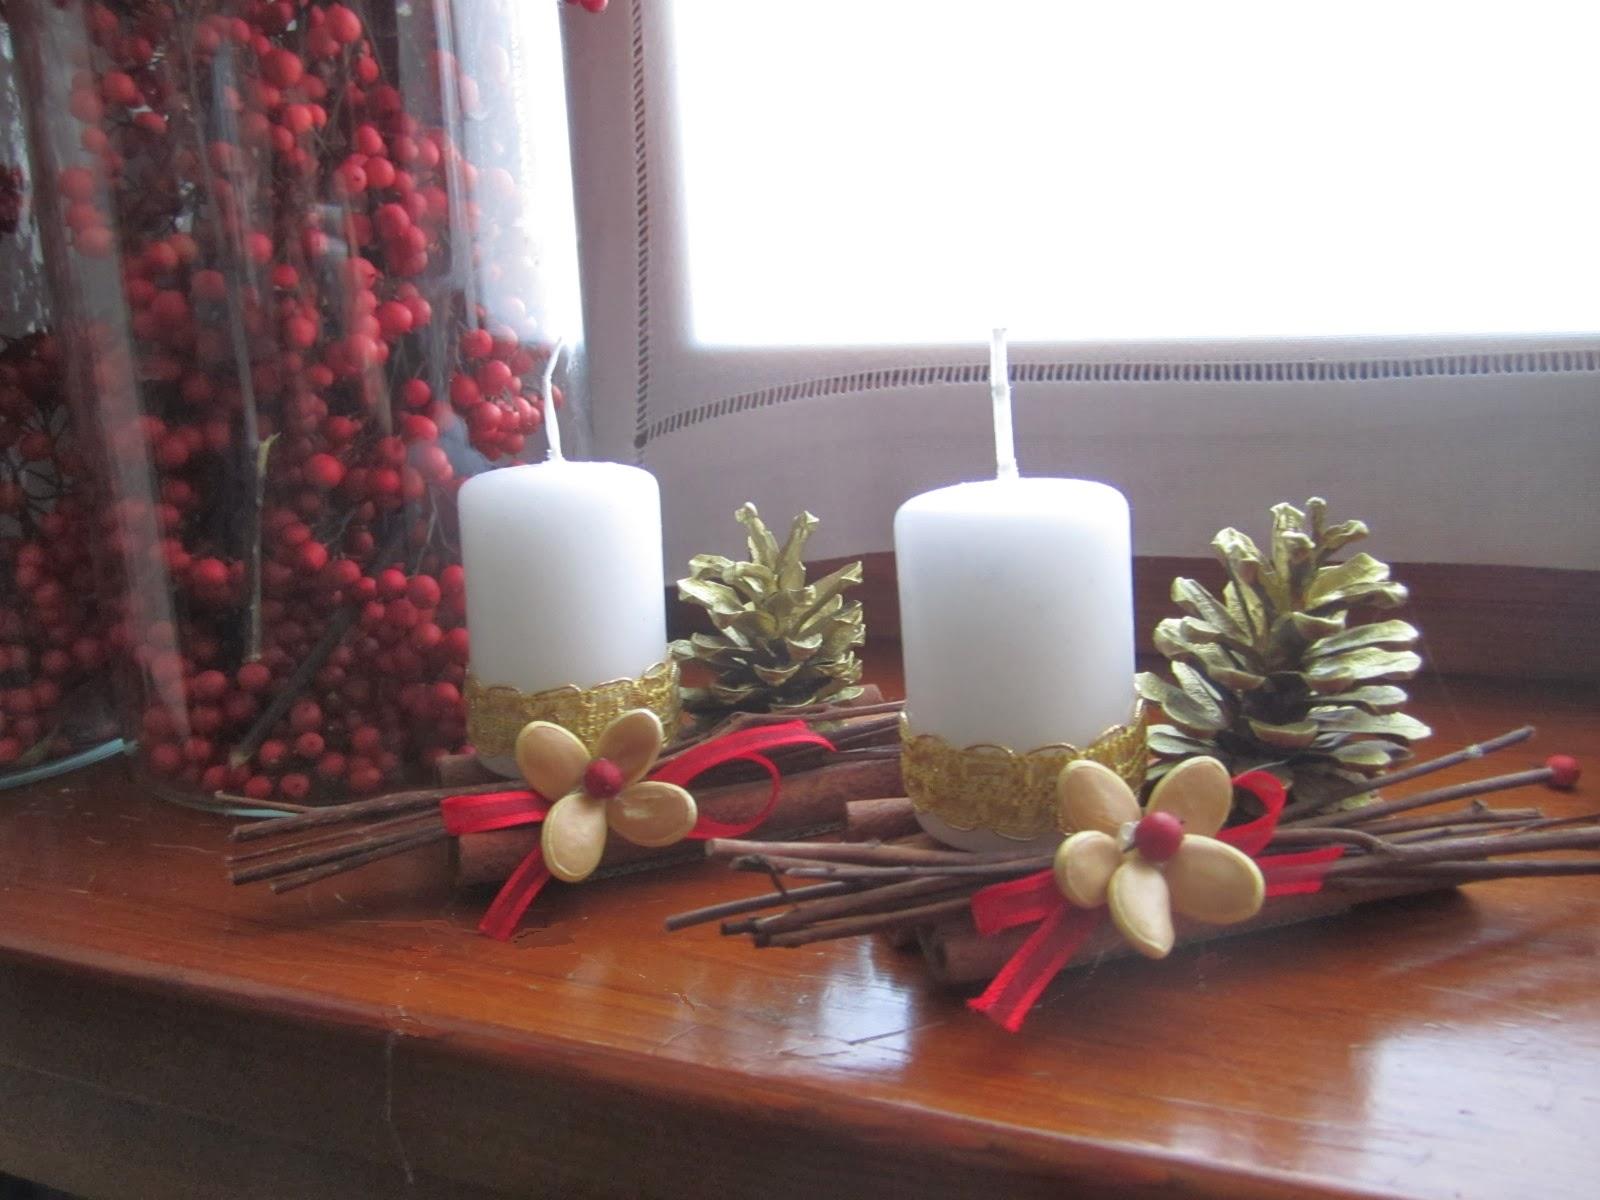 Stelledilatta candele di natale i - Decorare candele per natale ...